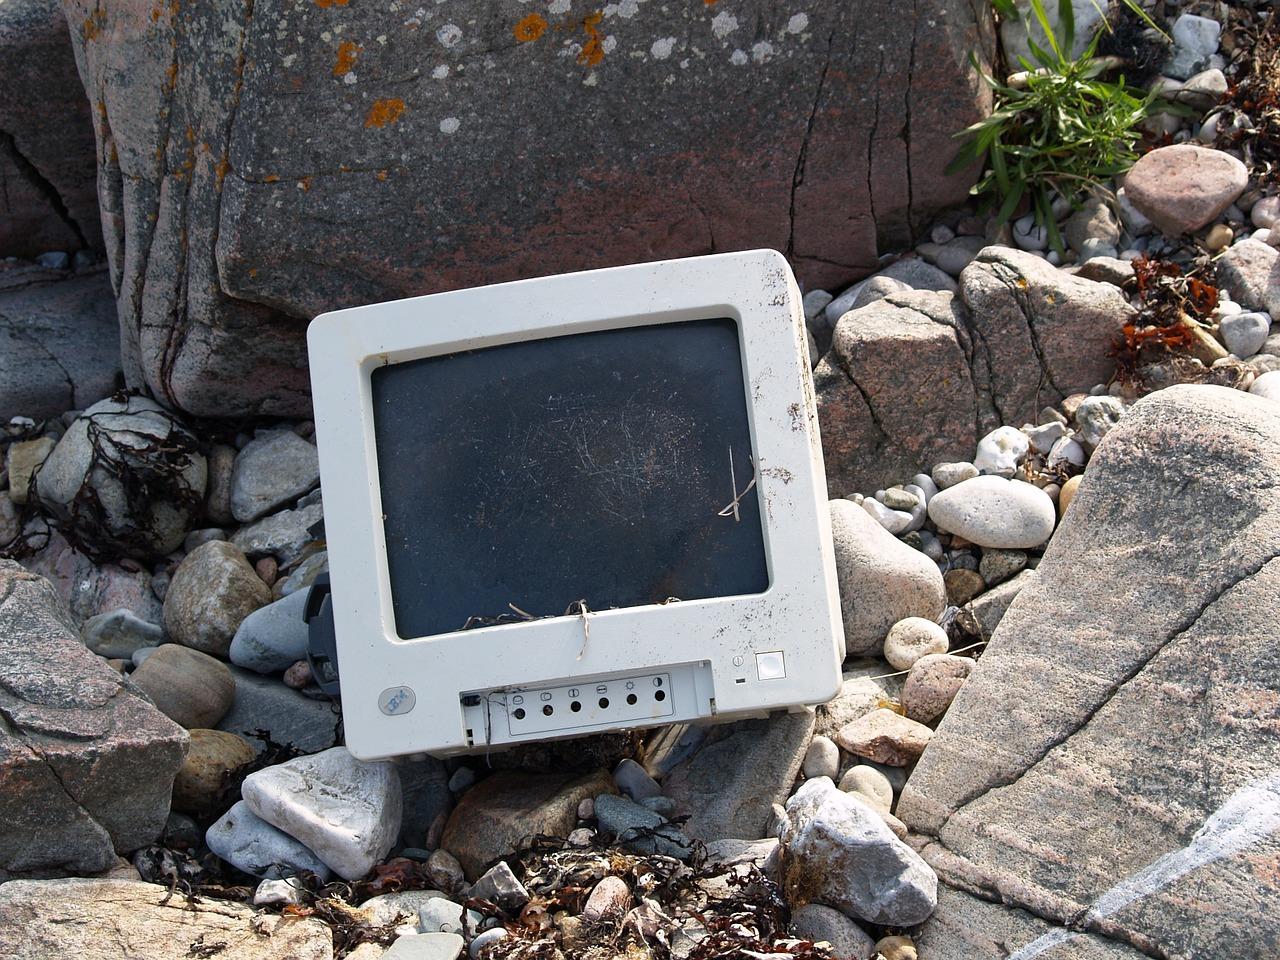 Старый телевизор - обезопась себя, утилизируй правильно - Netmus